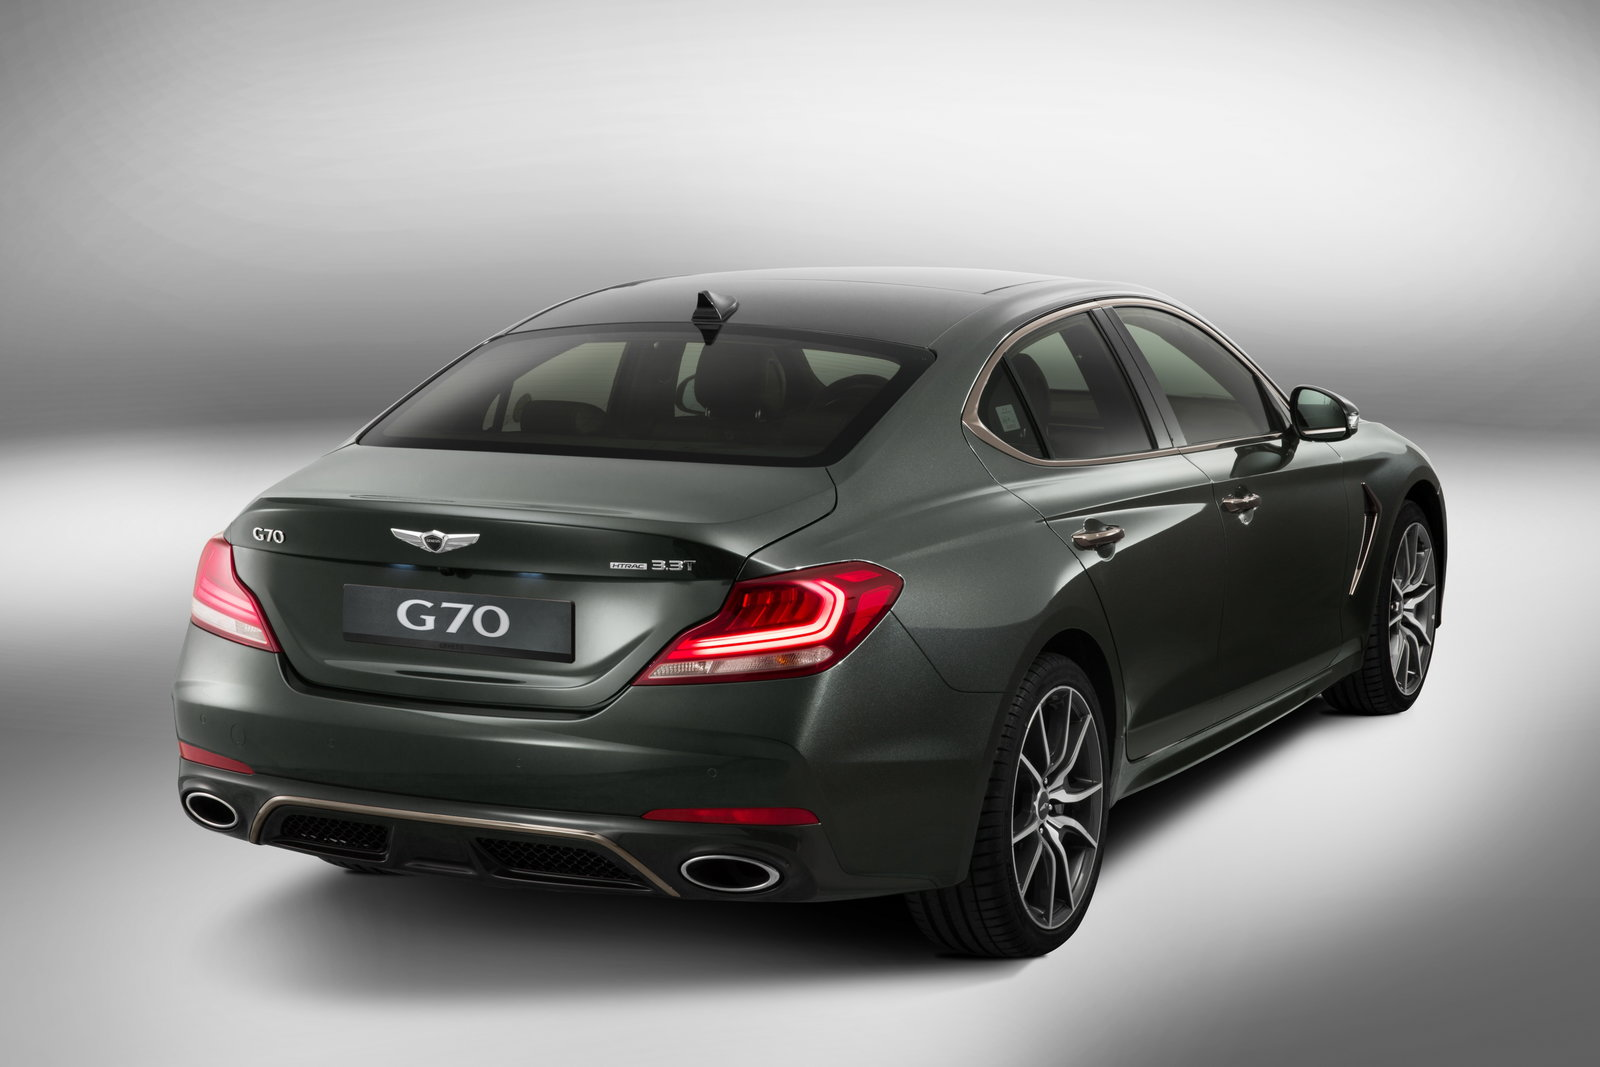 2018 genesis coupe release date.  2018 genesis g70 in 2018 genesis coupe release date